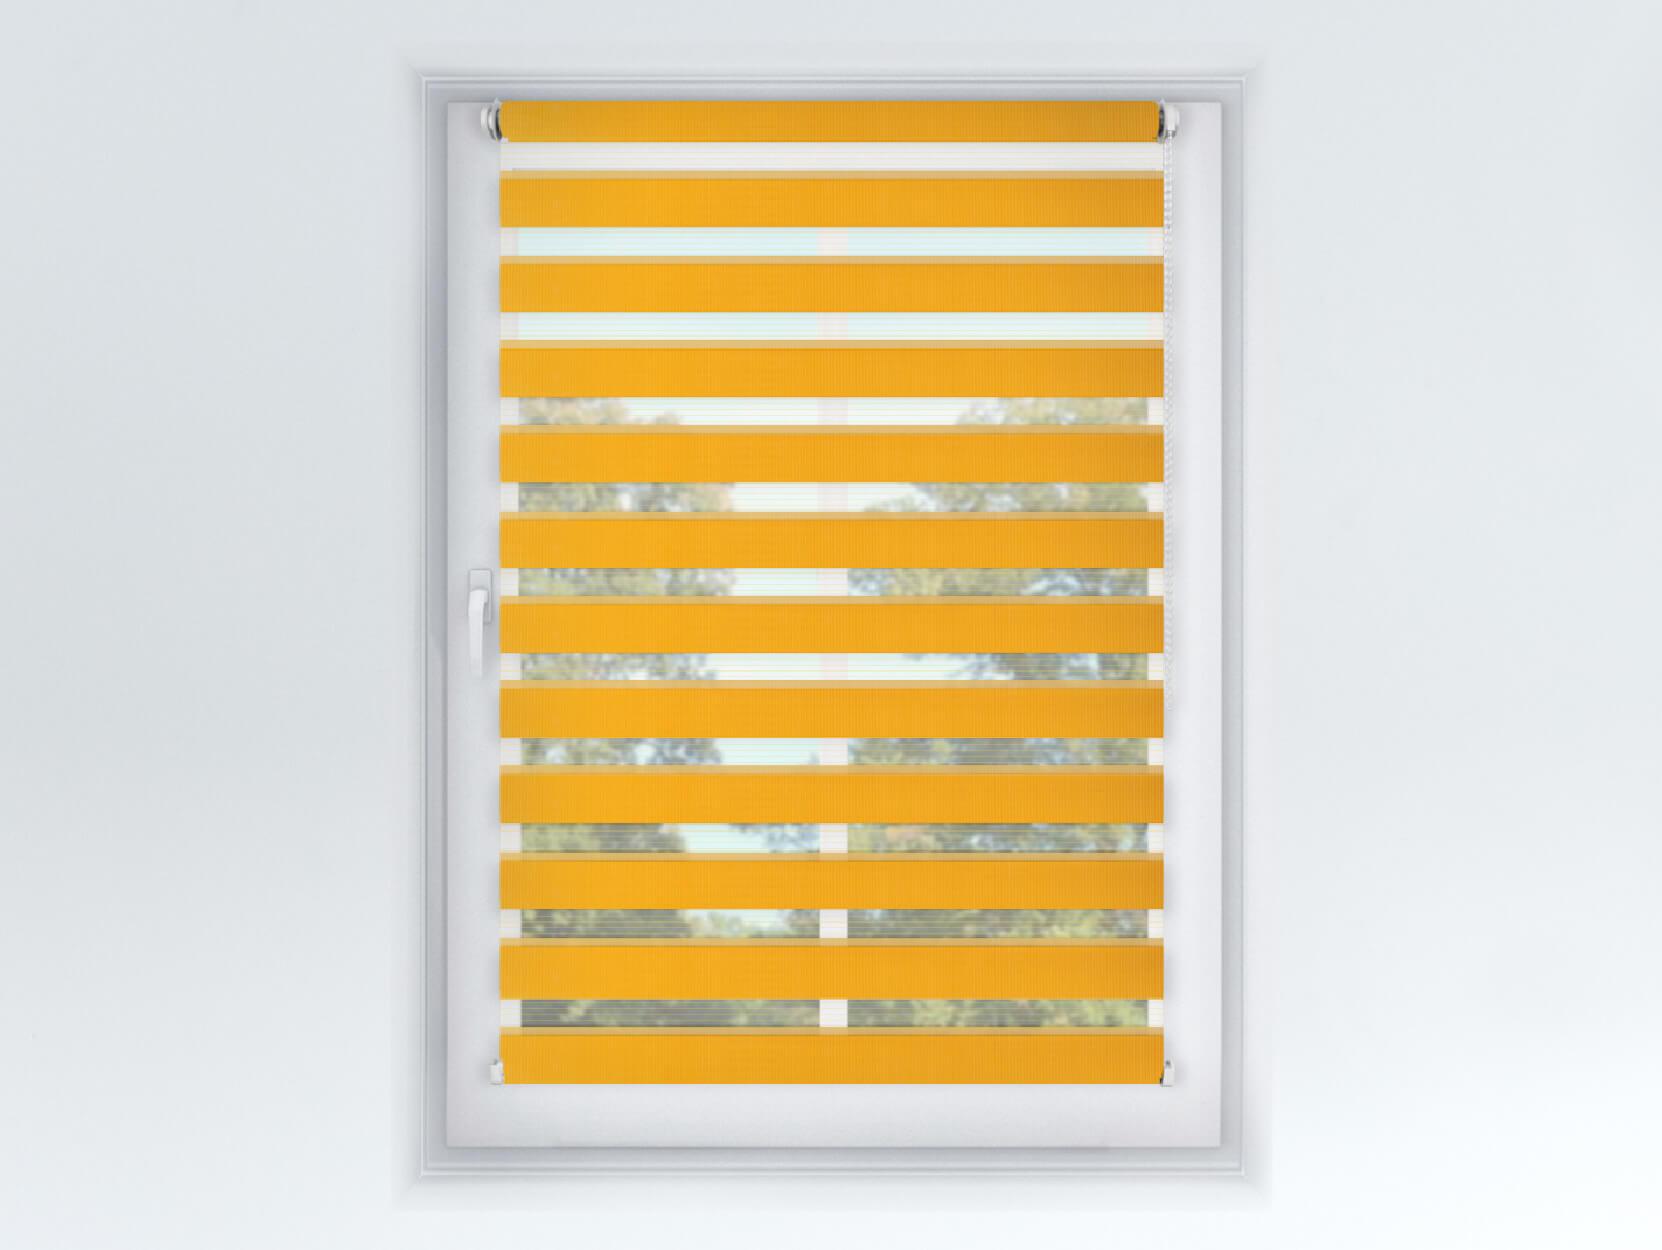 FEXI Roleta Den a noc, Origin slim mango, A 032 Výška rolety: 150 cm, Šířka rolety: 33 cm, Strana a barva mechanismu: Levá - Bílá